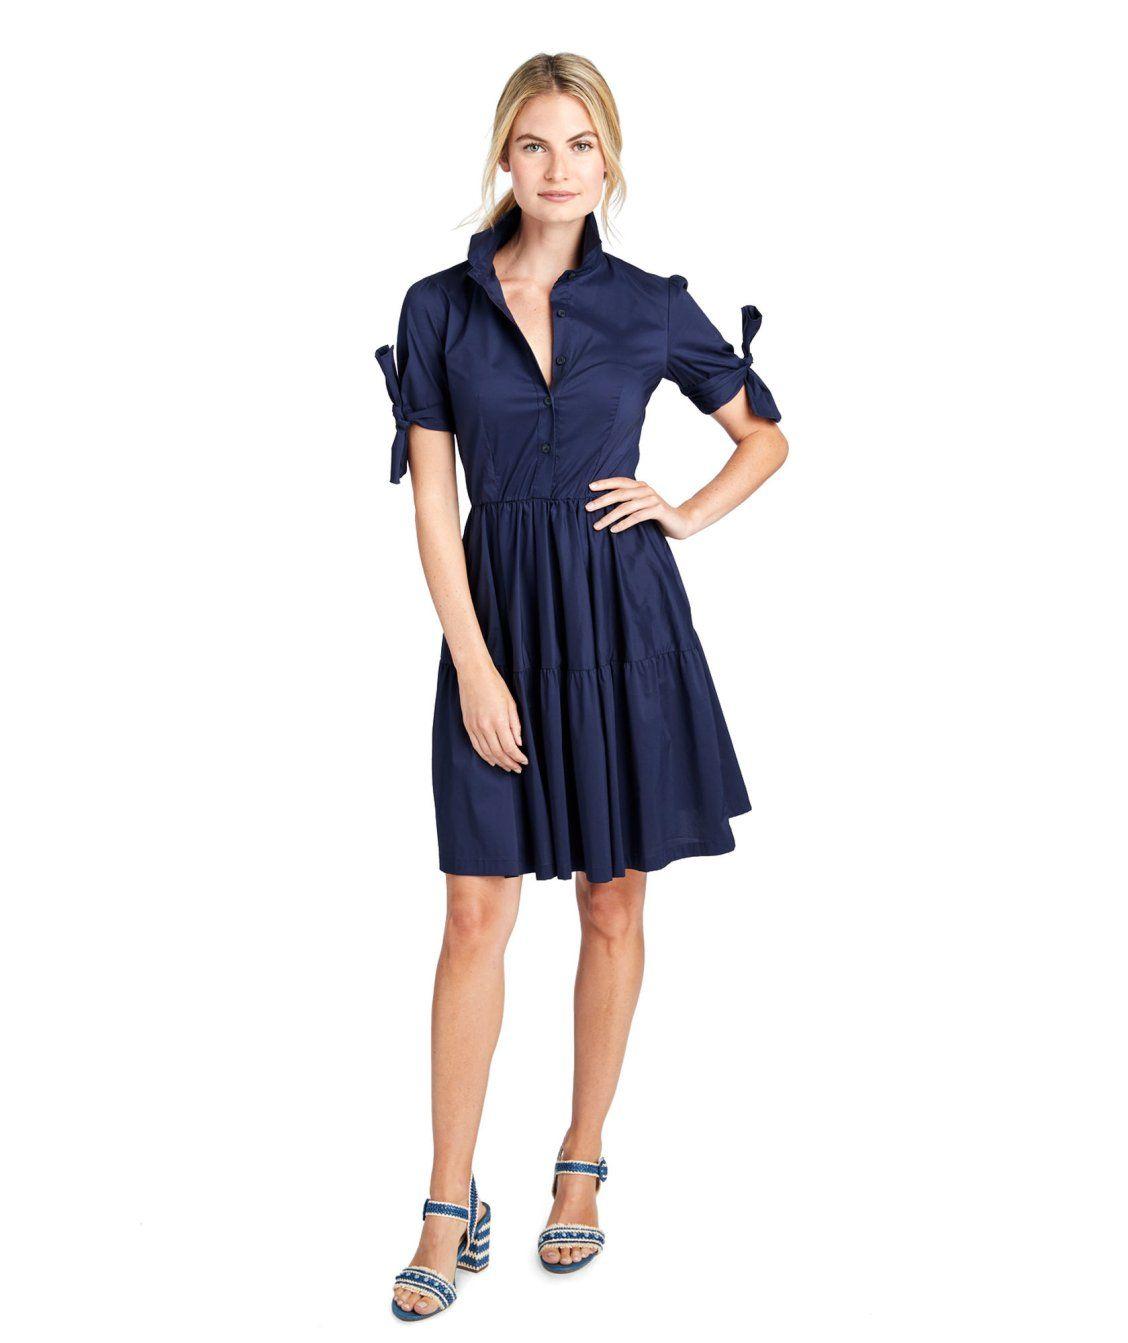 Tie Sleeve Shirt Dress Dresses Dress Shirt Sleeves T Dress [ 1343 x 1128 Pixel ]